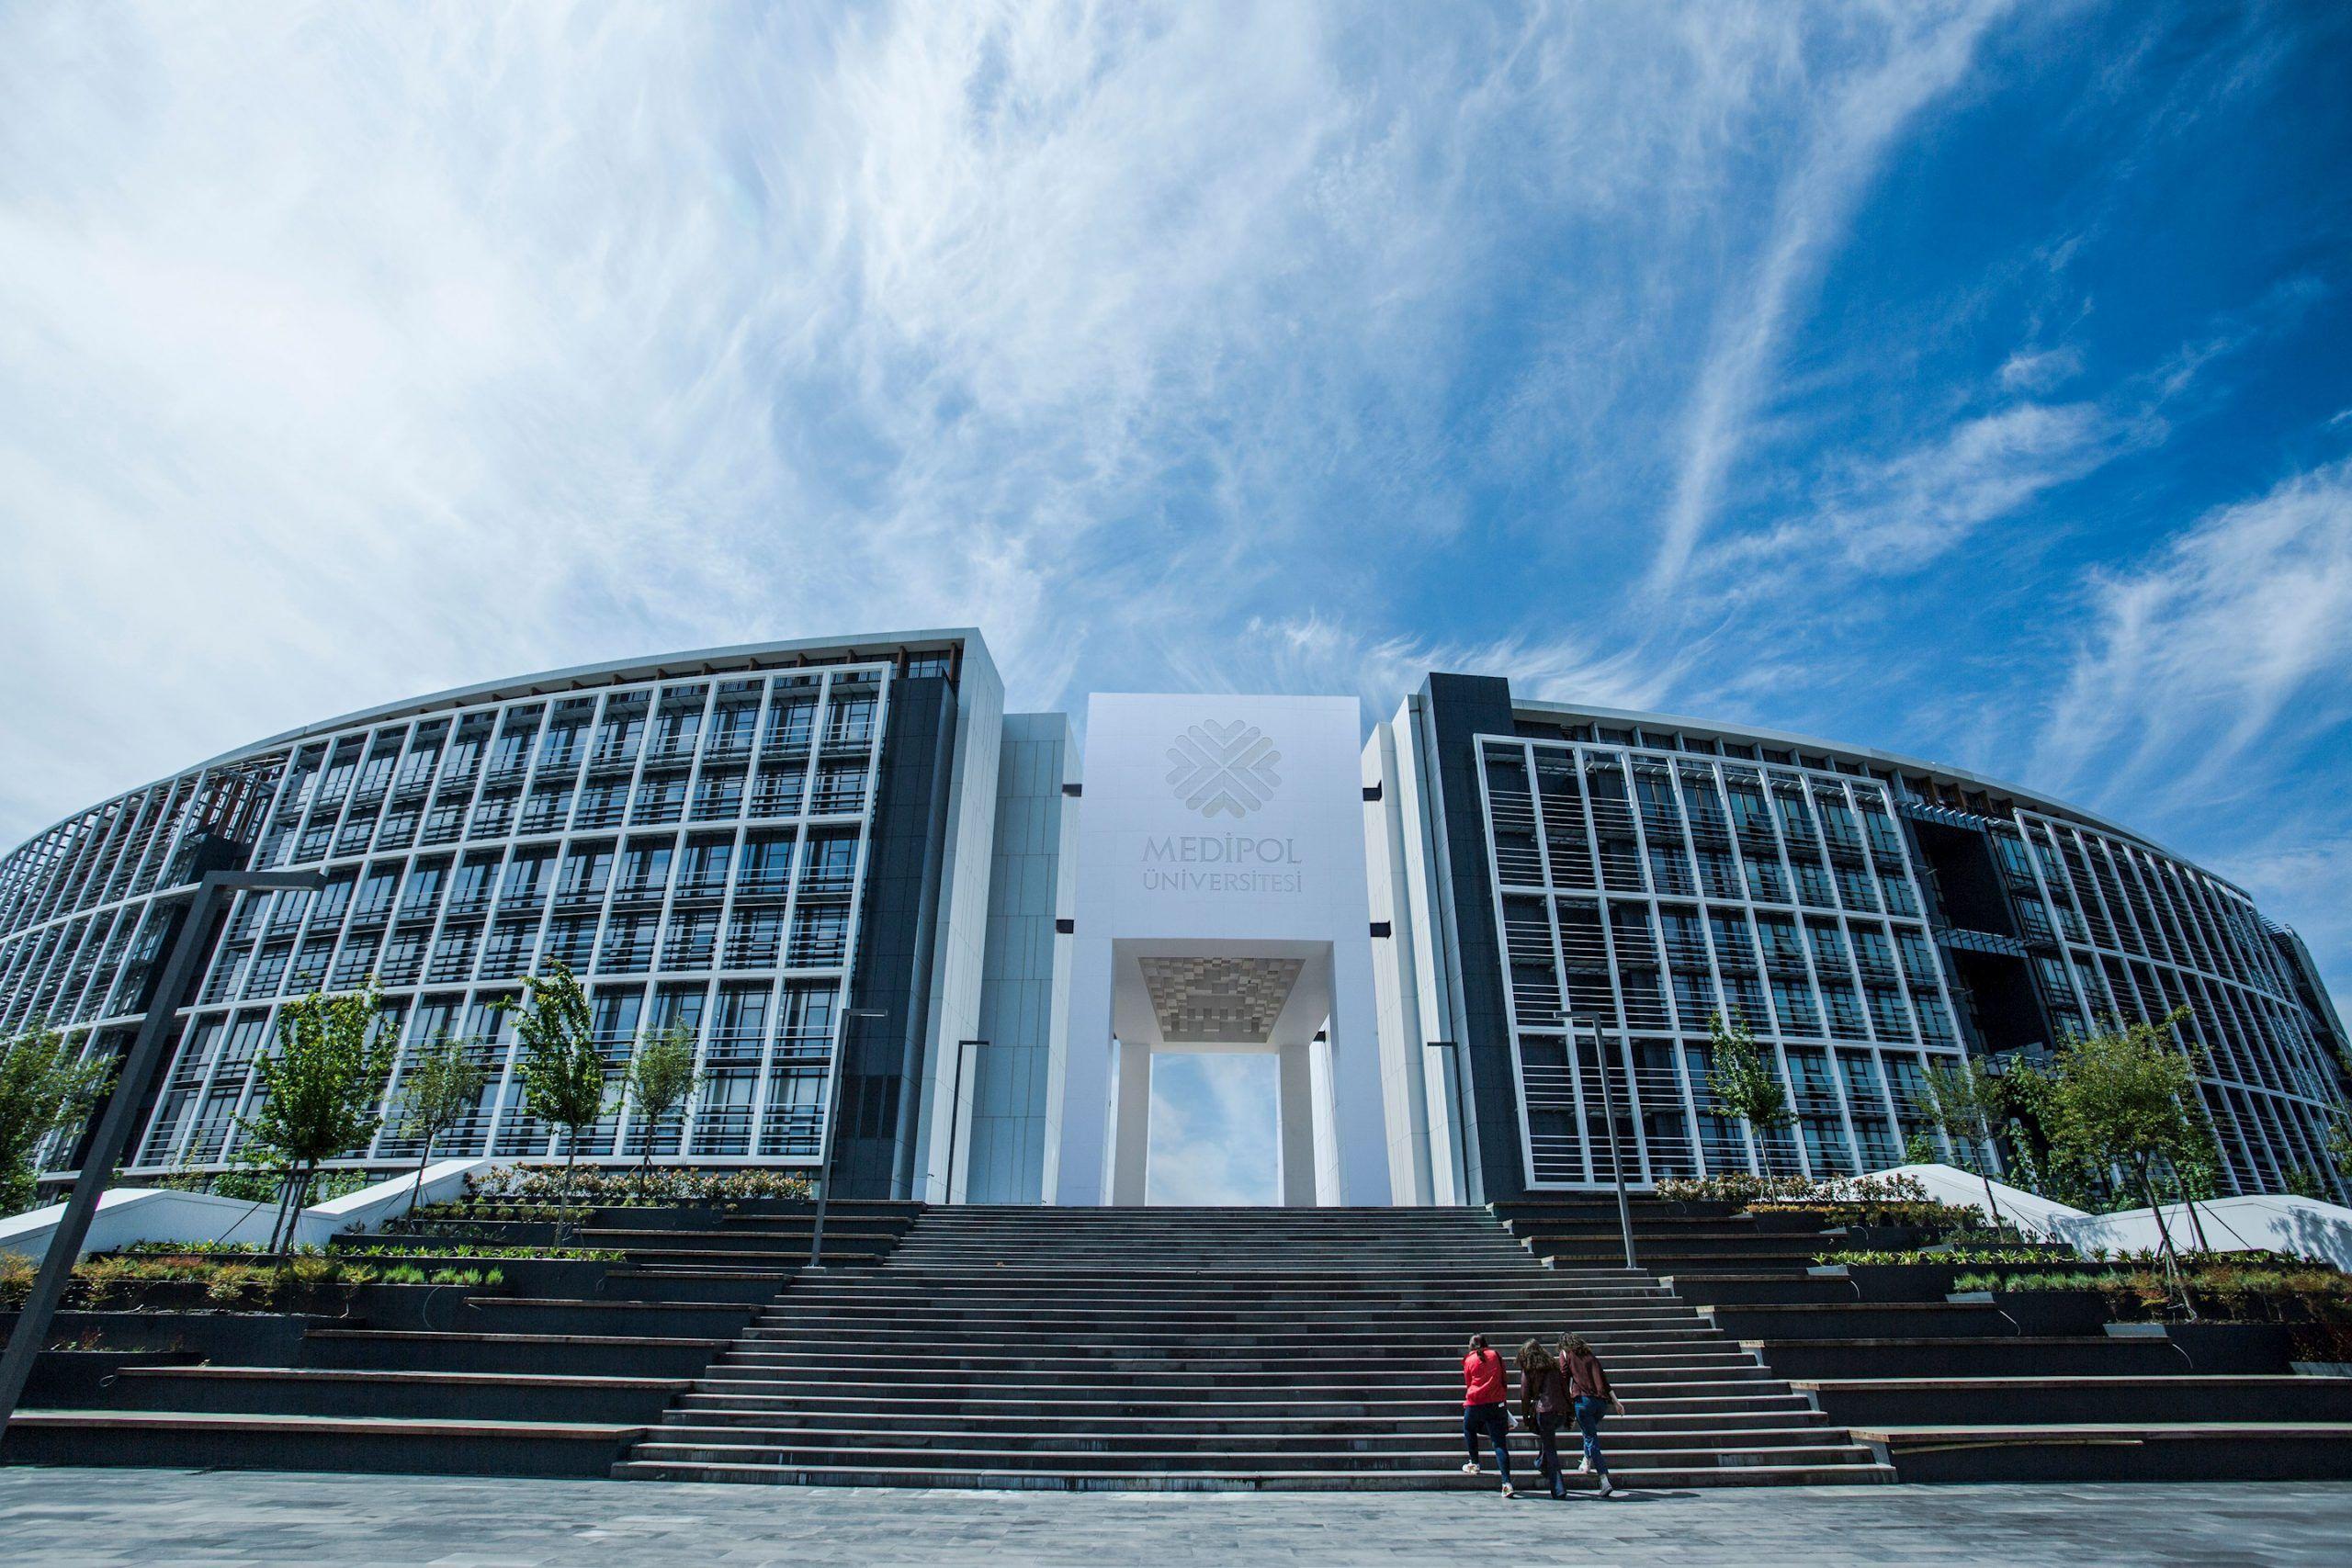 Istanbul Medipol Universitesi 8 Ogretim Uyesi Alimi Yapiyor Istanbul Ogretim Tip Fakultesi